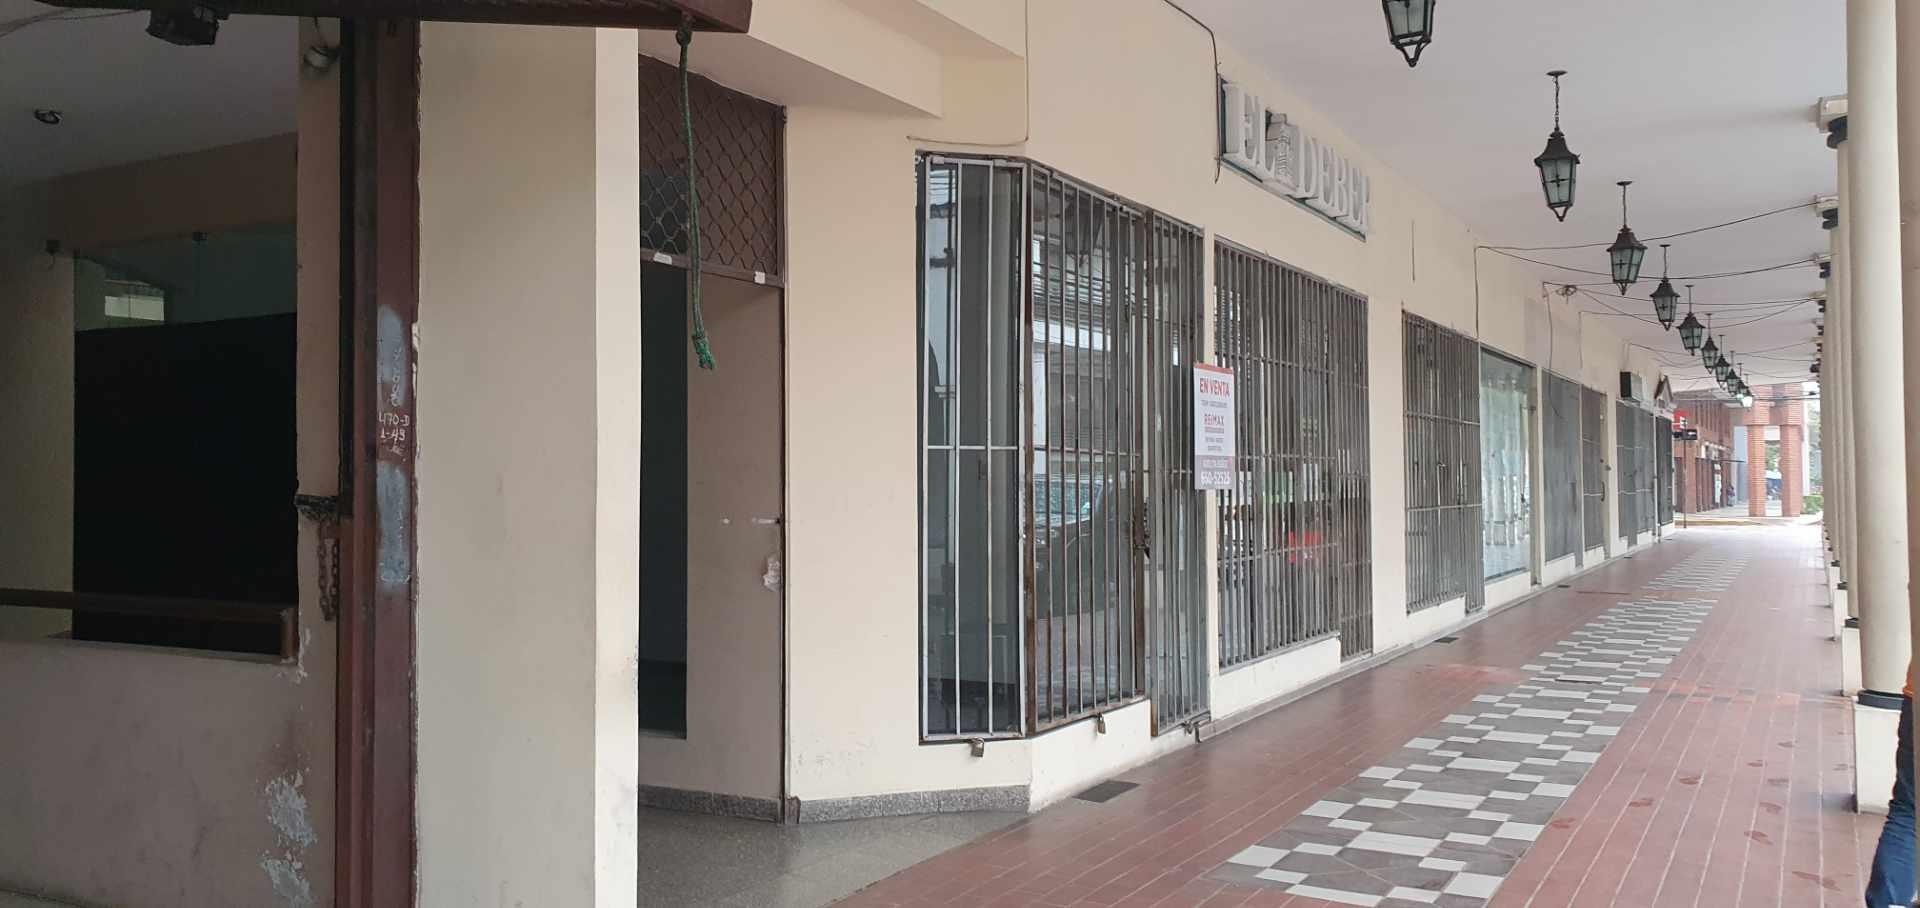 Local comercial en Venta Galería Central, Calle Ingavi esquina calle Independencia Foto 2